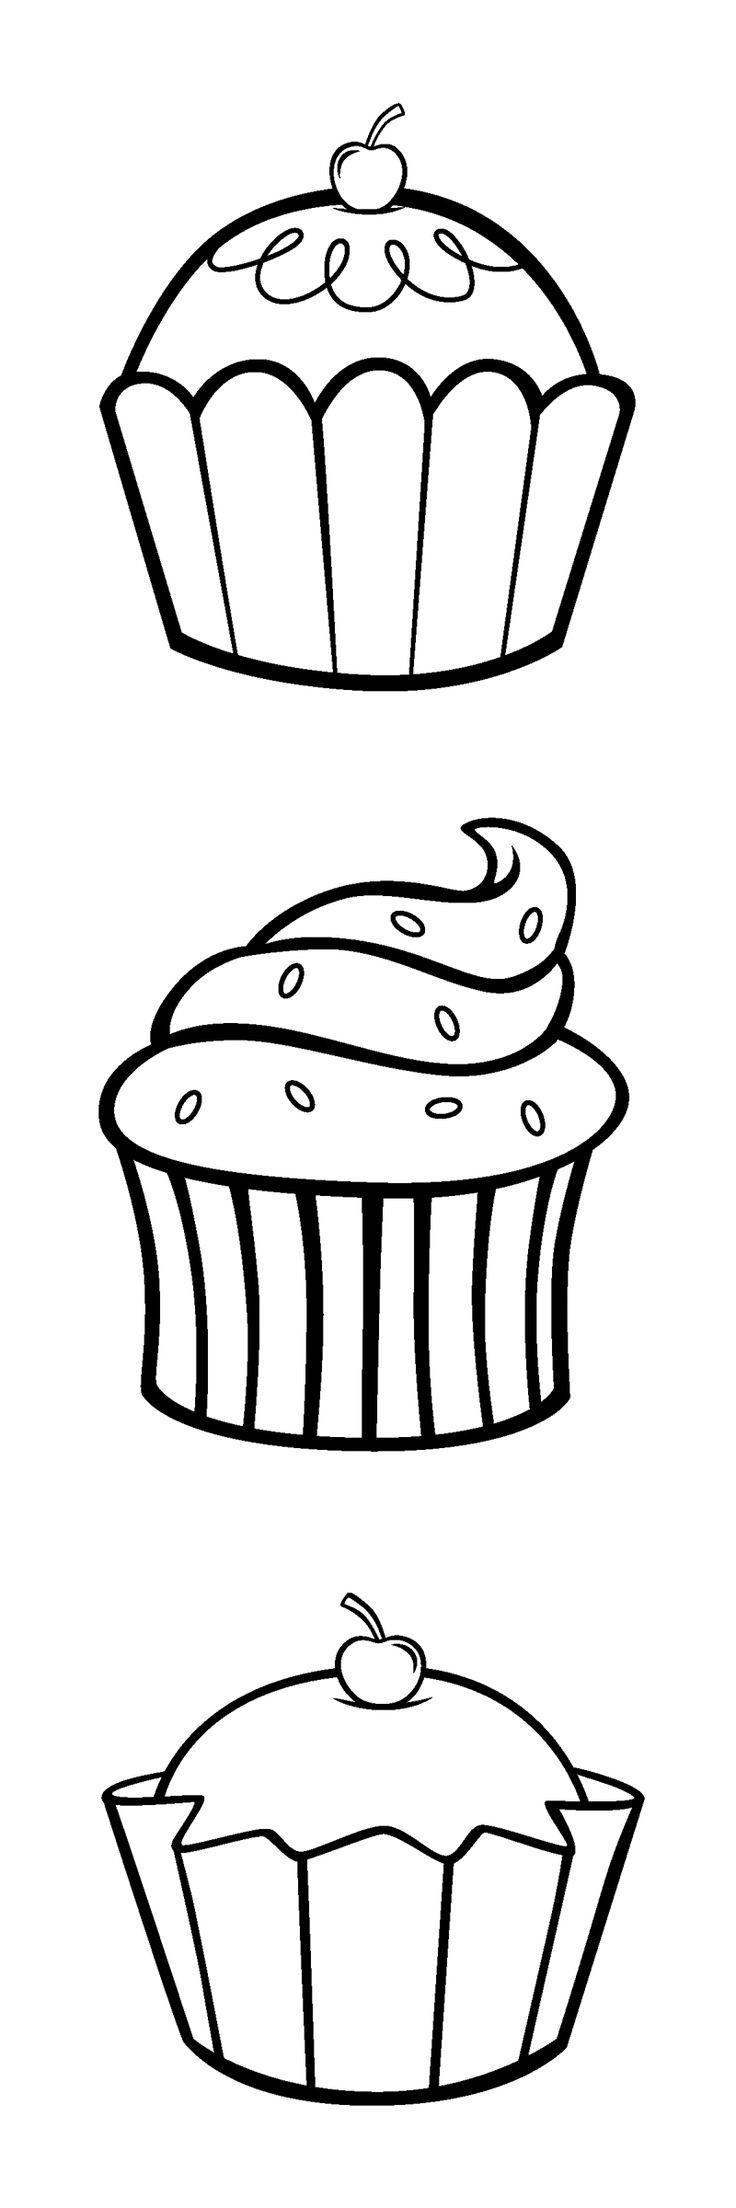 Großzügig Cupcake Malvorlage Ideen - Malvorlagen Von Tieren - ngadi.info